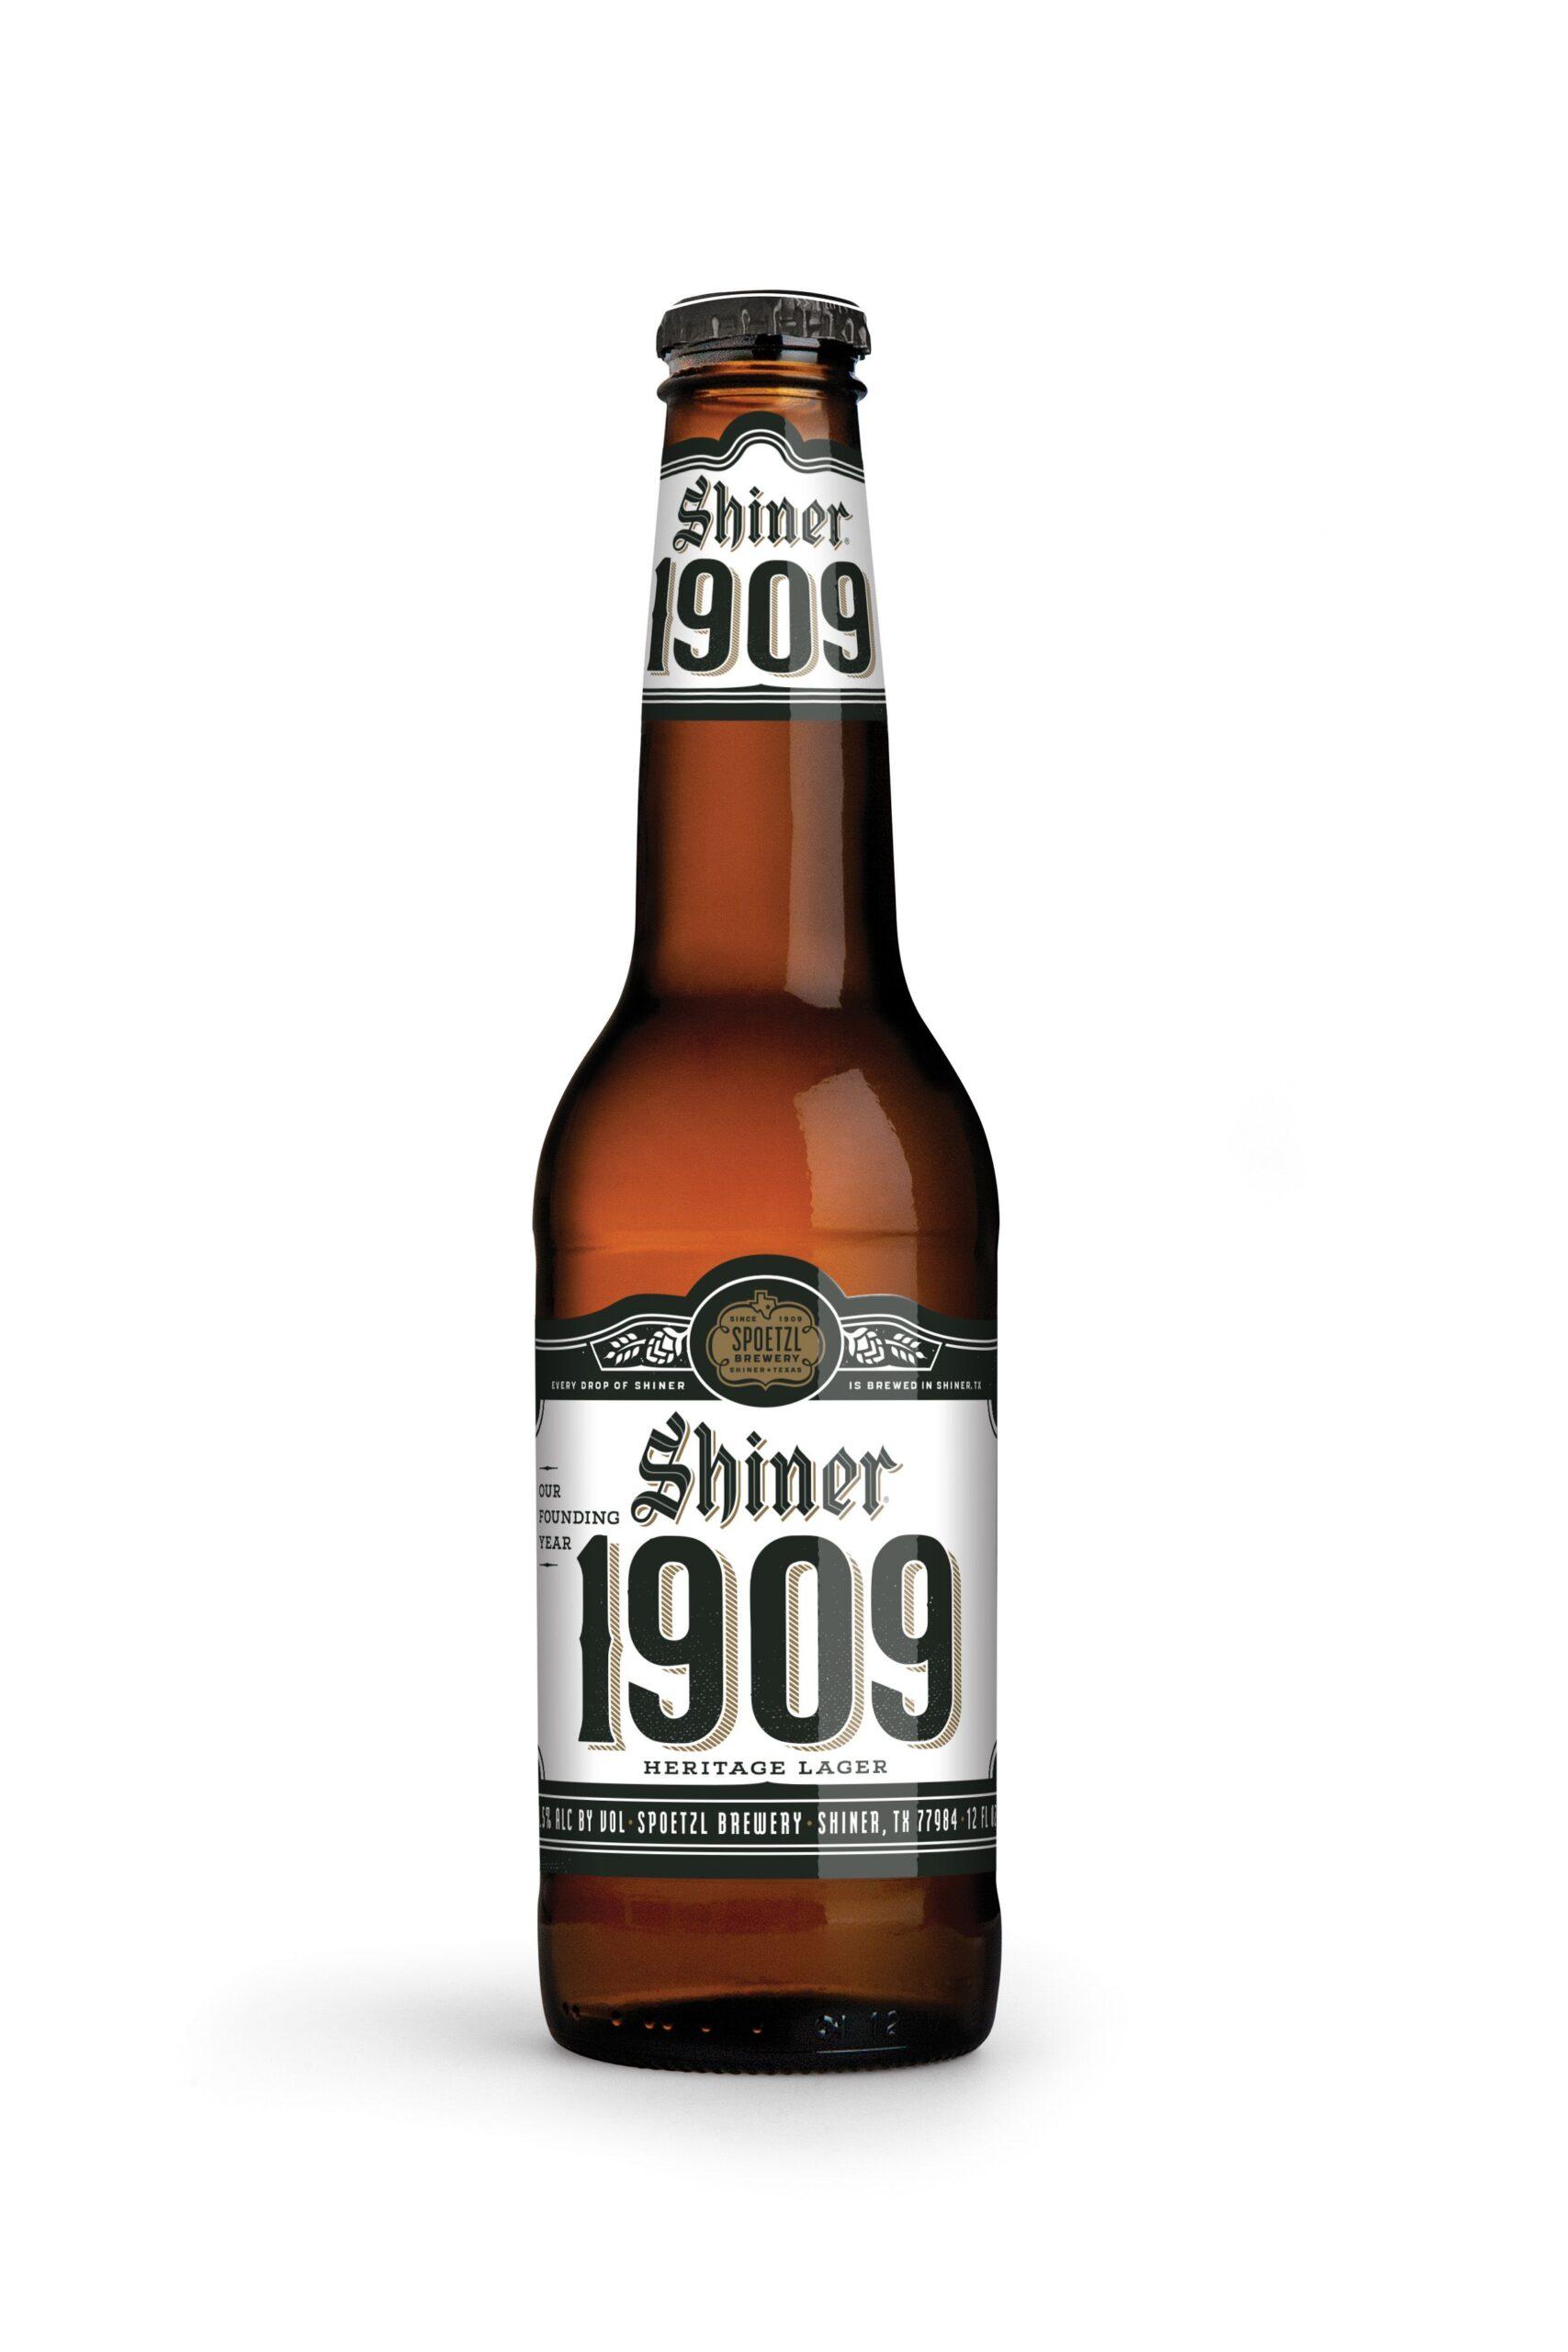 Shiner 1909 bottle